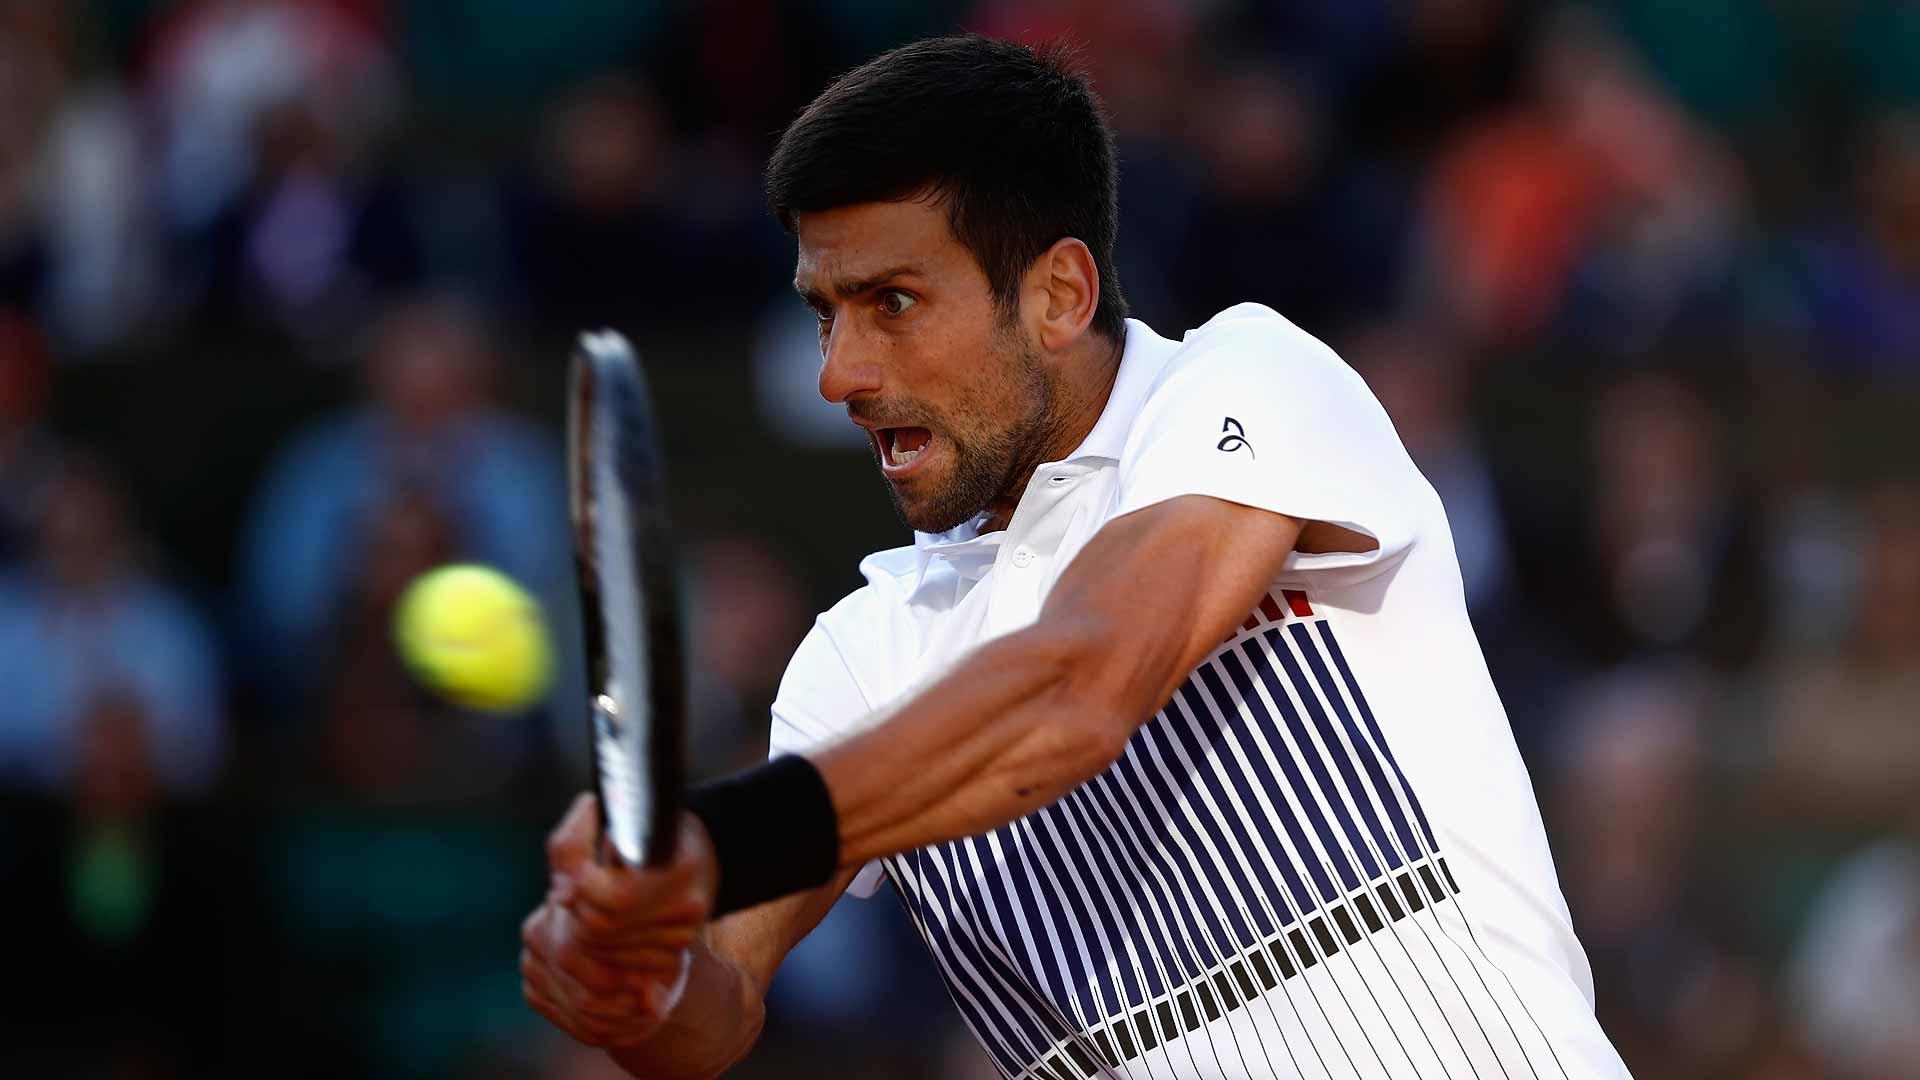 Djokovic Streaks Into Roland Garros Quarters Atp Tour Tennis